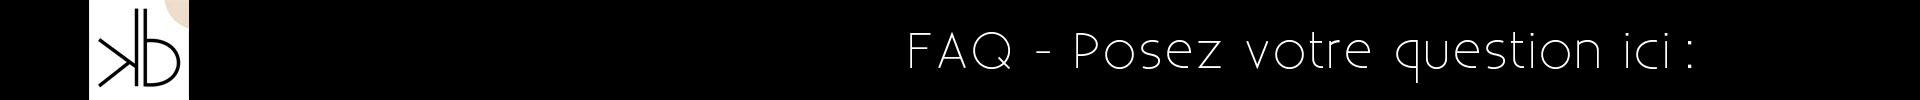 FAQ Posez votre question ici: